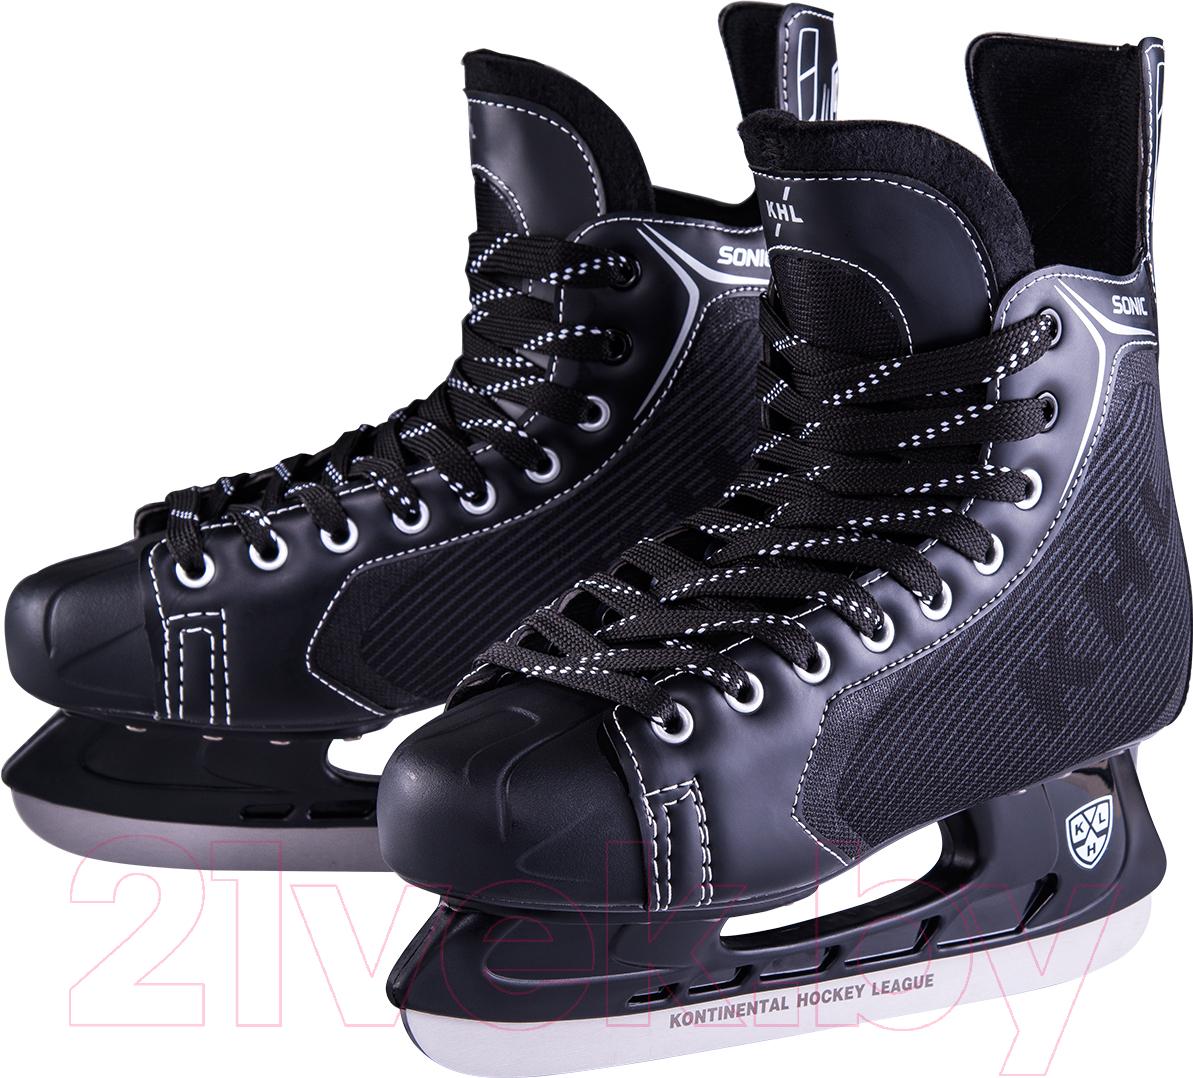 Купить Коньки хоккейные KHL, Sonic (р-р 42), Китай, черный, пластик